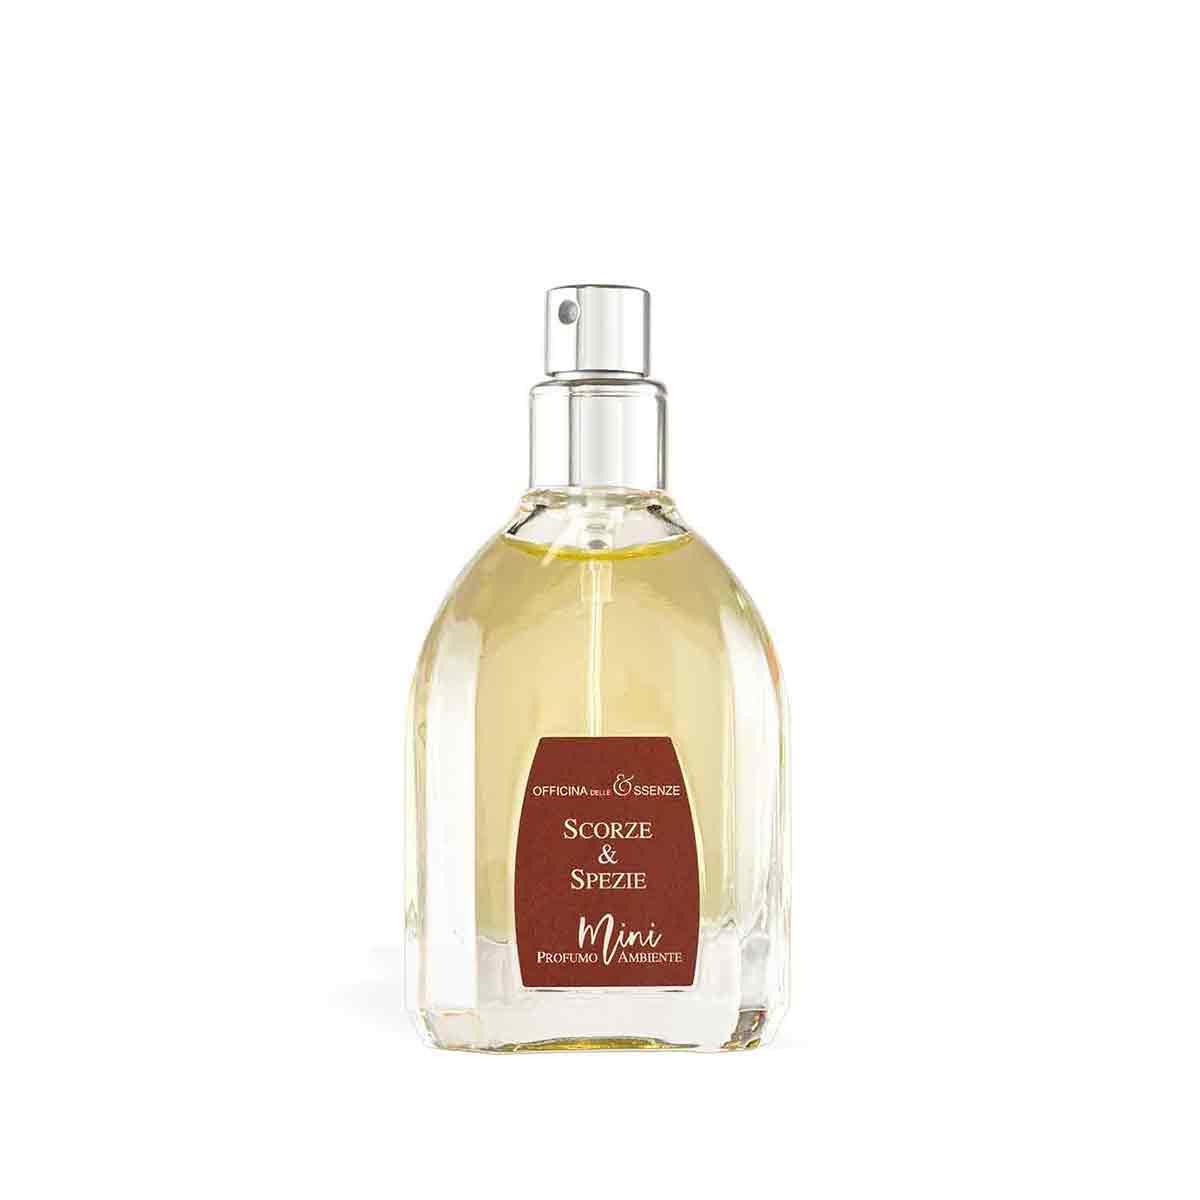 Mini profumo ambiente Scorze & Spezie da 25 ml